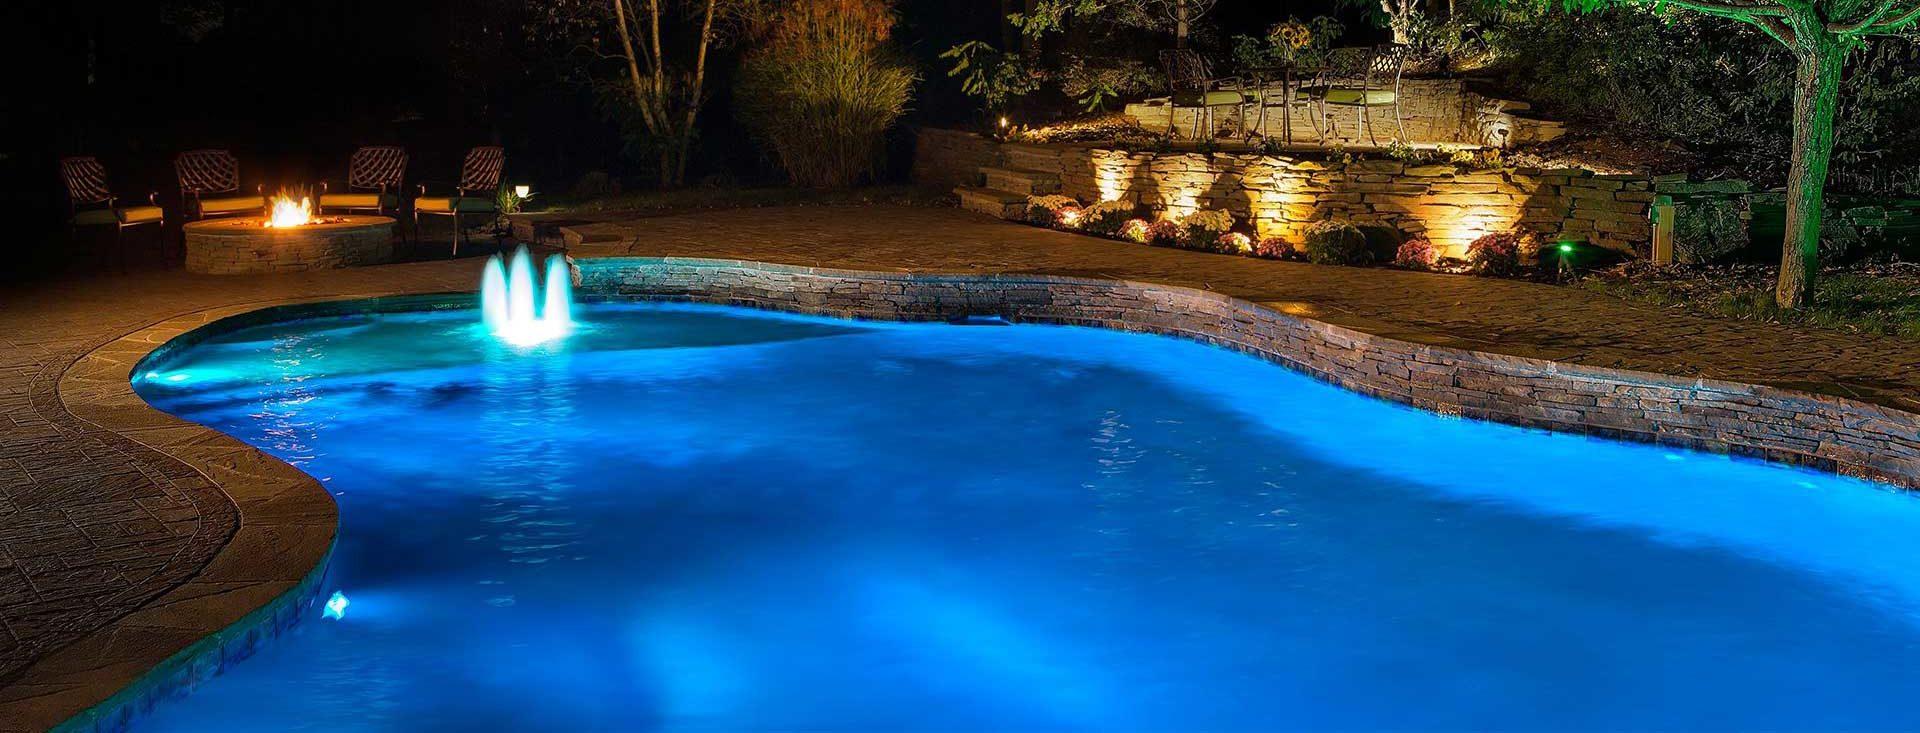 Custom Swimming Pool Design | Utah | Packman\'s Pools